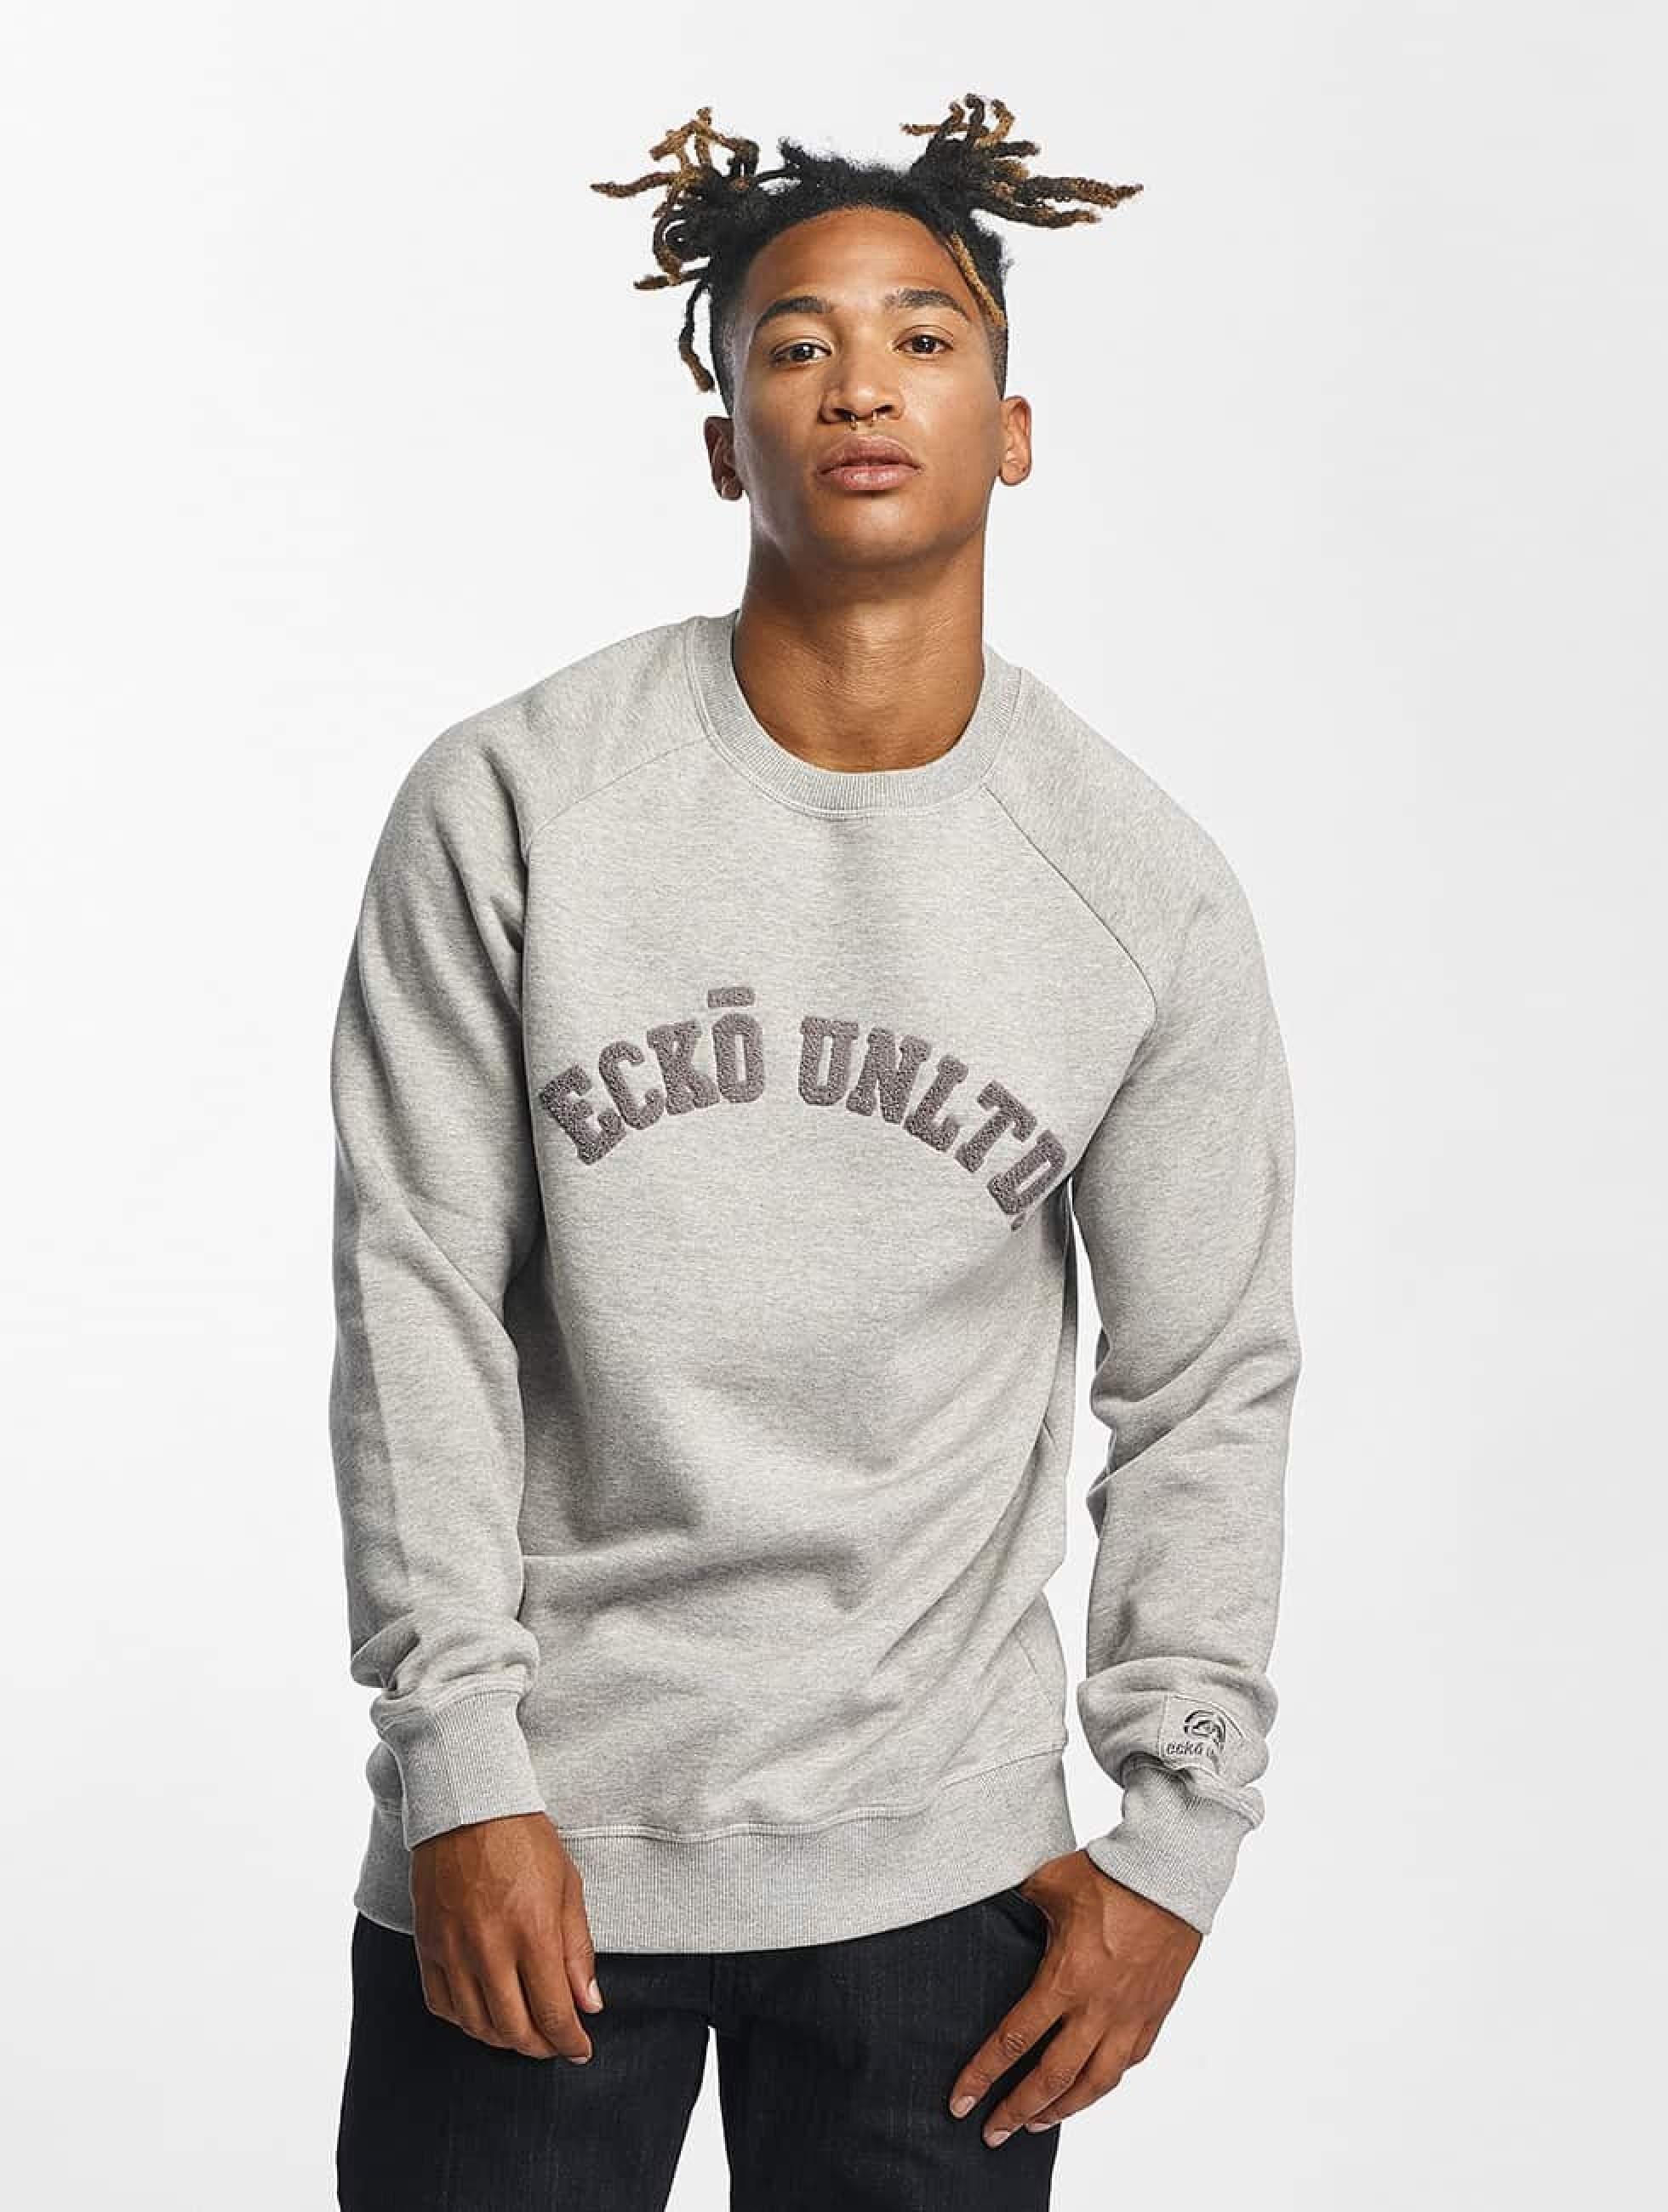 Ecko Unltd. / Jumper Dagoba in grey XL